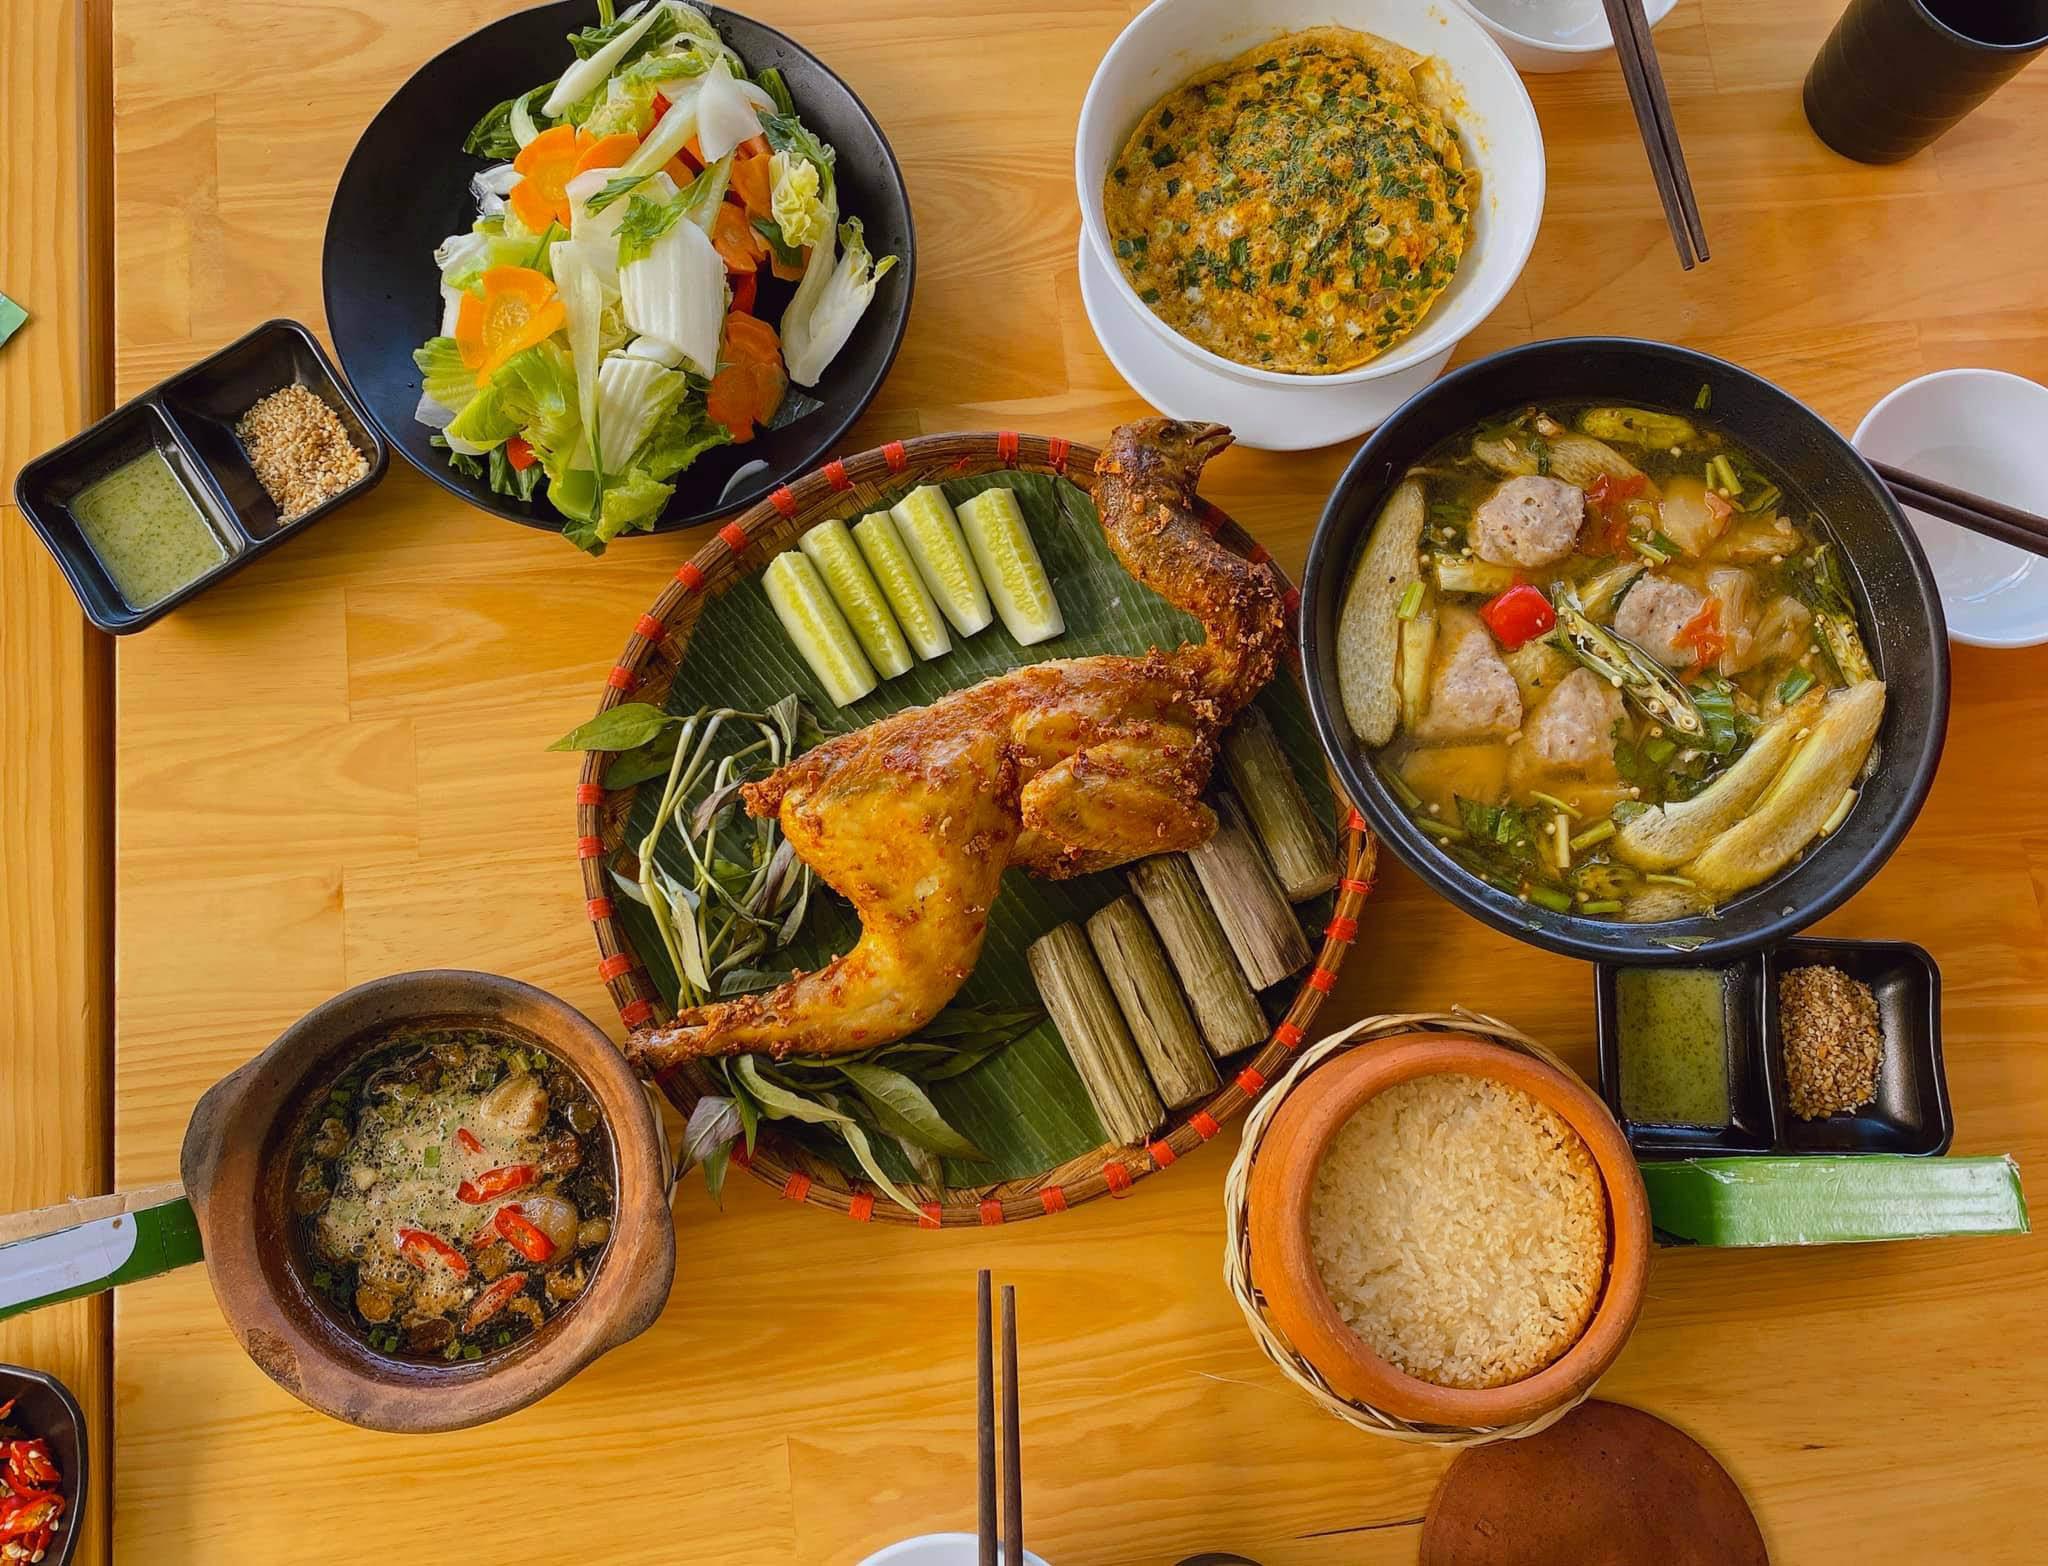 Đi hưởng tuần trăng mật mùa dịch corona như vợ chồng Văn Đức - Nhật Linh: Quay ra quay vào chỉ toàn ăn với ngủ - 1